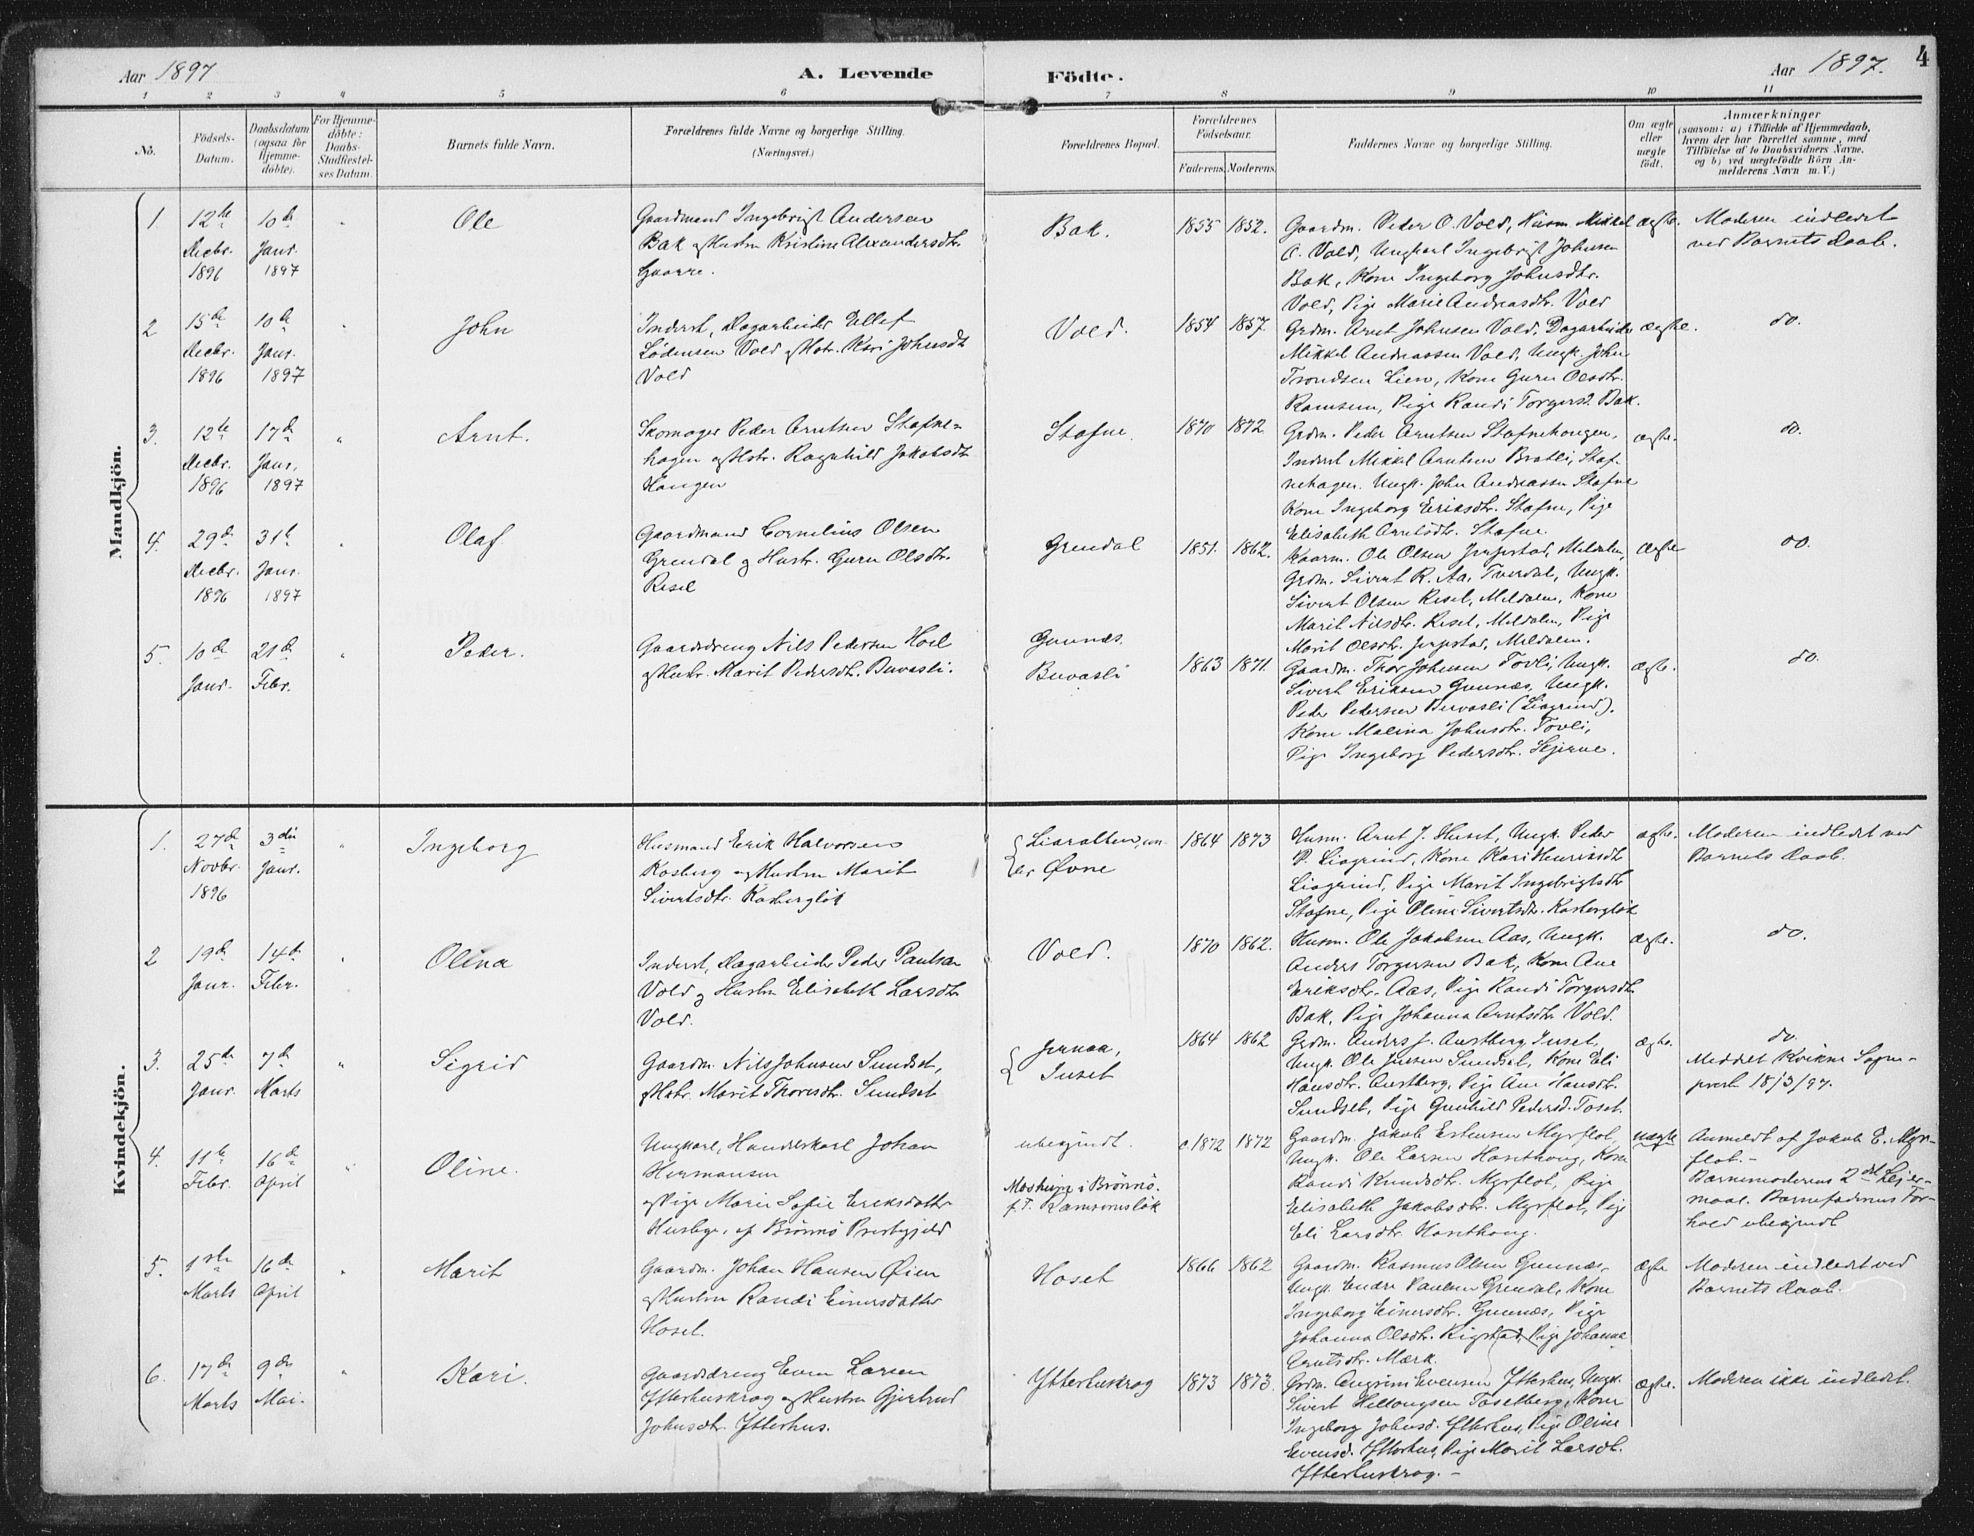 SAT, Ministerialprotokoller, klokkerbøker og fødselsregistre - Sør-Trøndelag, 674/L0872: Ministerialbok nr. 674A04, 1897-1907, s. 4